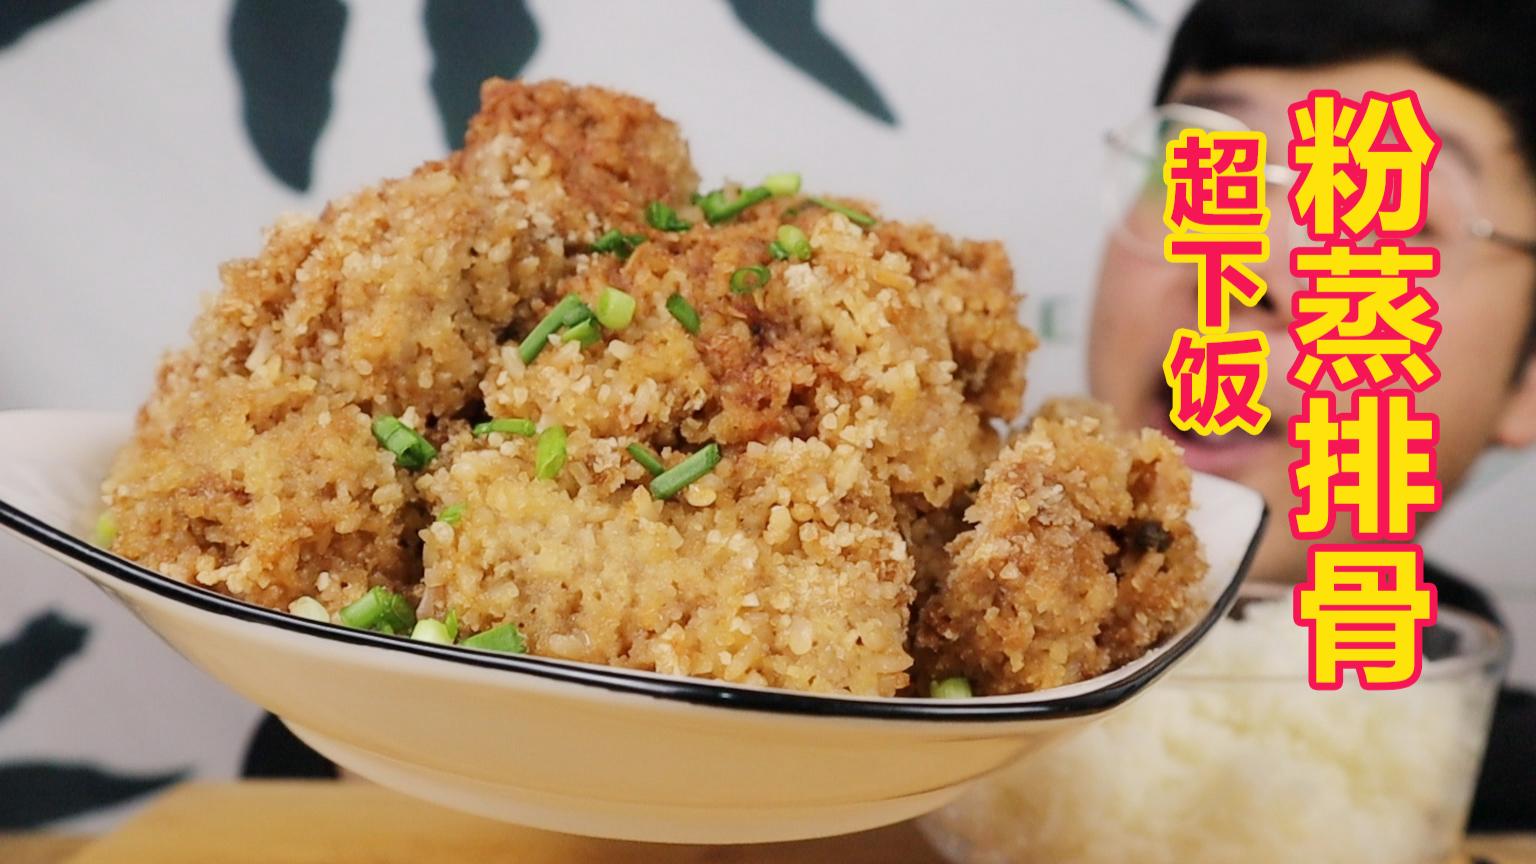 """超下饭的""""粉蒸排骨""""做法简单,香而不腻,配上一碗米饭,大满足"""